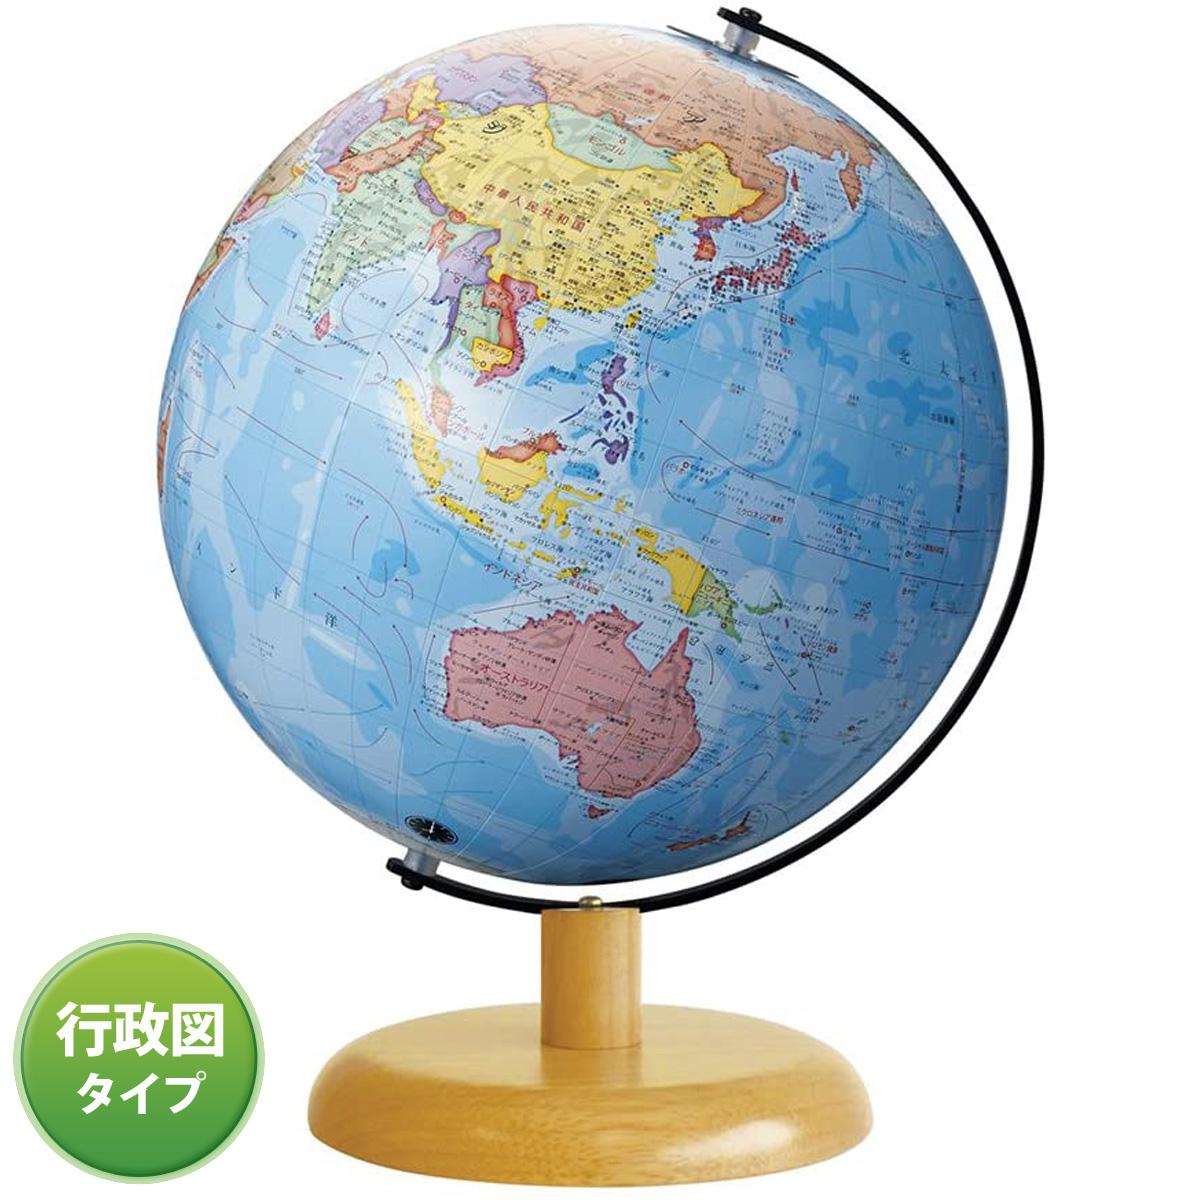 地球儀 子供用 インテリア 球径23cm 行政図 学びの地球儀 学習 入学祝い 小学校 おすすめ